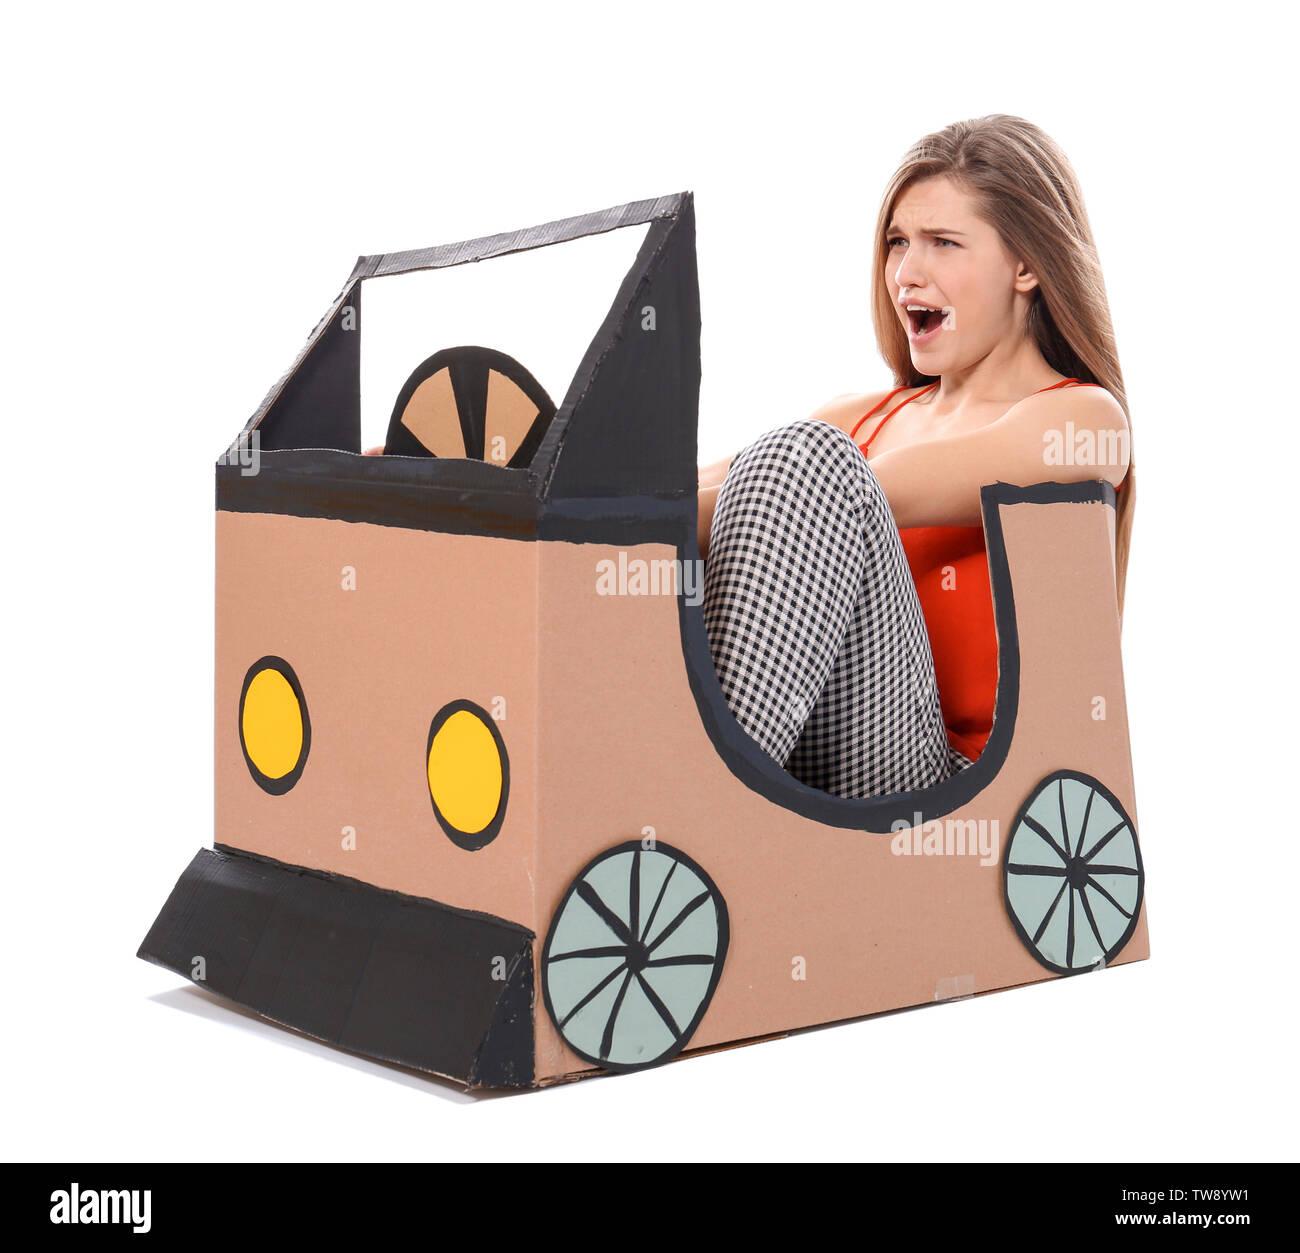 Junge Frau spielt mit Pappe Auto gegen den weißen Hintergrund. Konzept der Kauf neuer Autos Stockbild